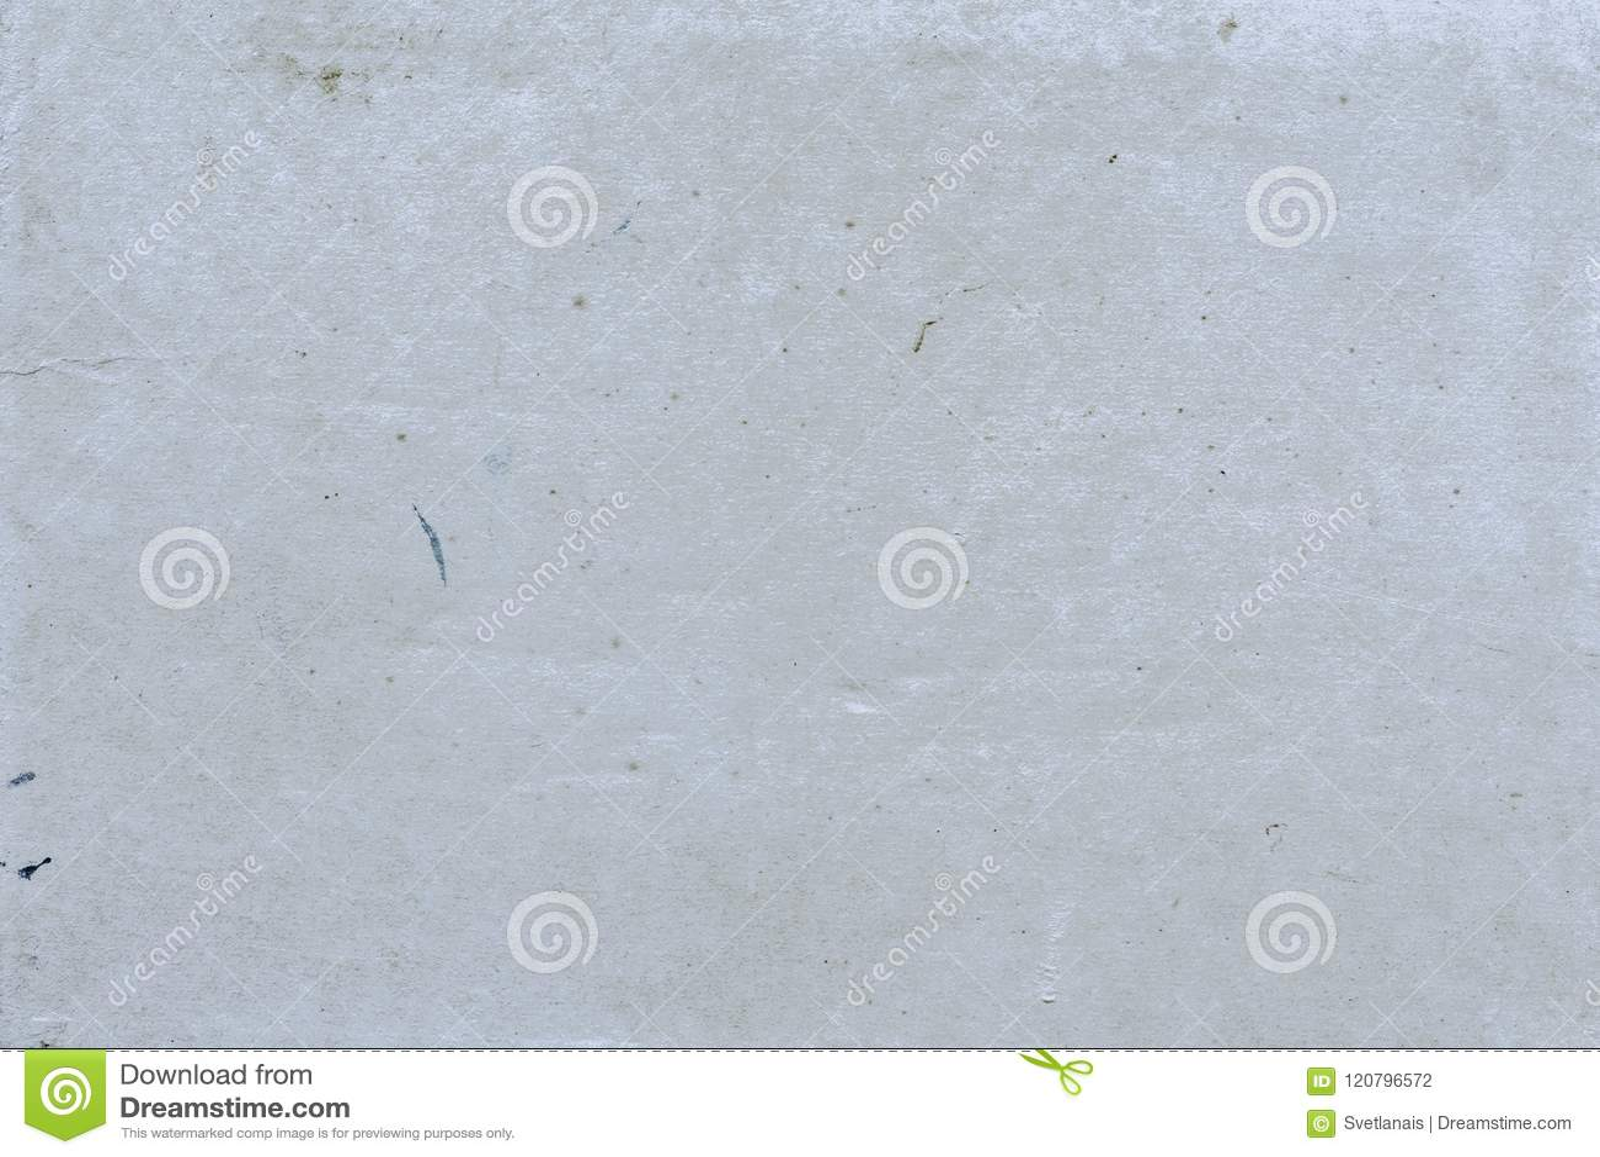 Il fondo vuoto grigio astratto con struttura visibile con la sporcizia macchia, punti della pittura, la cellulosa delle inclusion